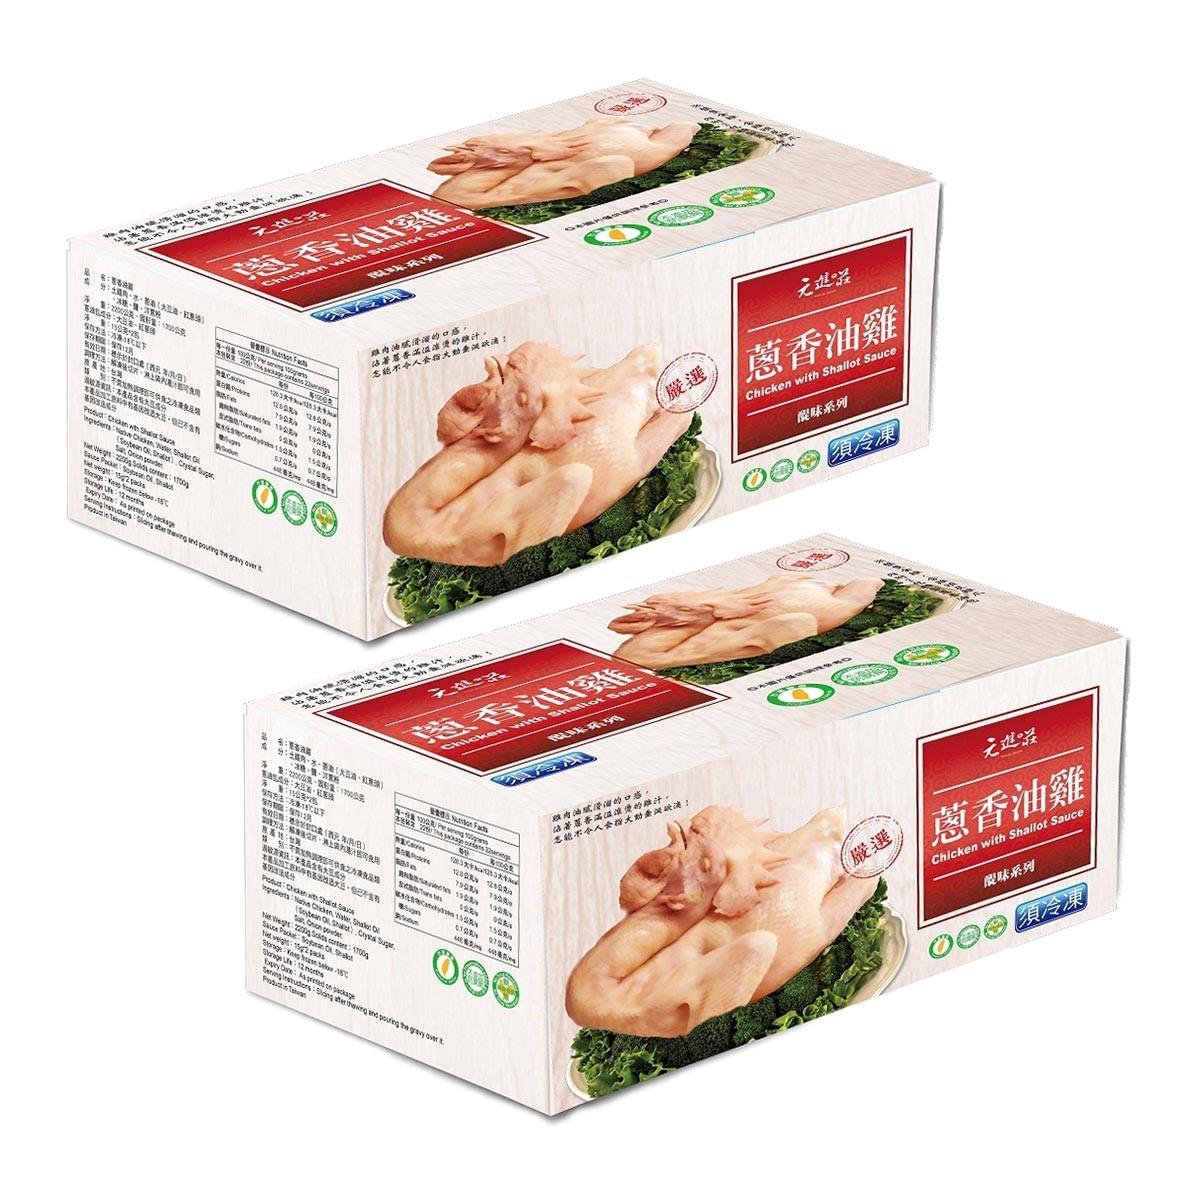 YJC 元進莊 冷凍蔥香油雞